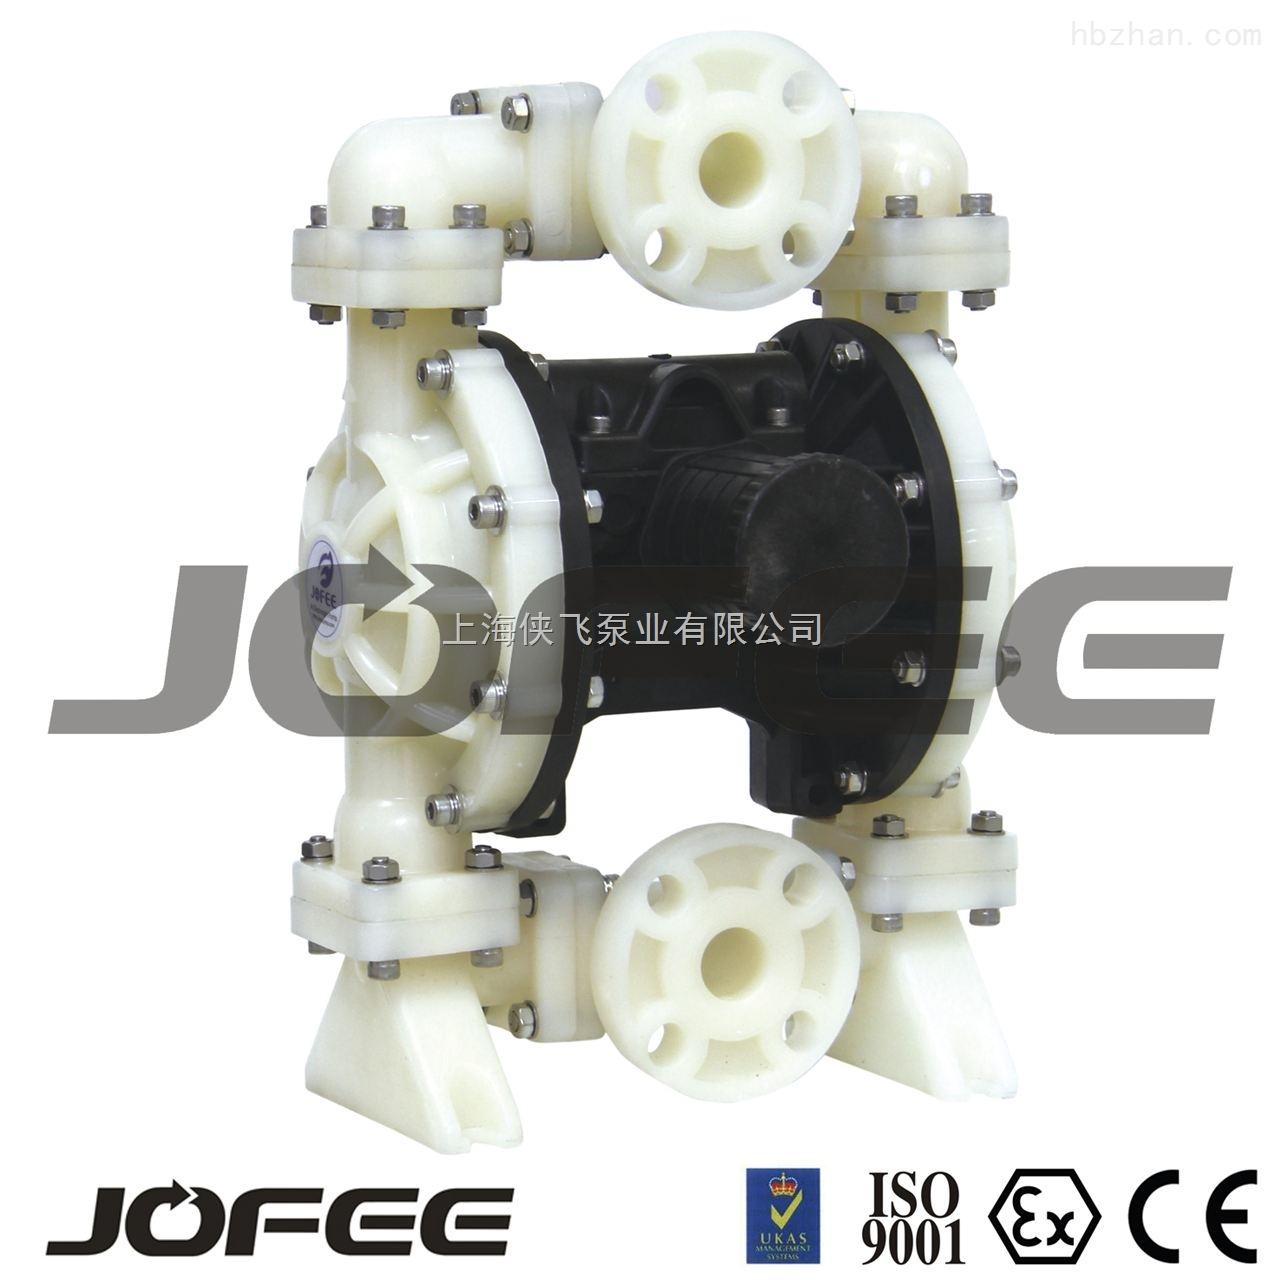 侠飞MK50PP-PP/TF/TF/PP塑料气动隔膜泵